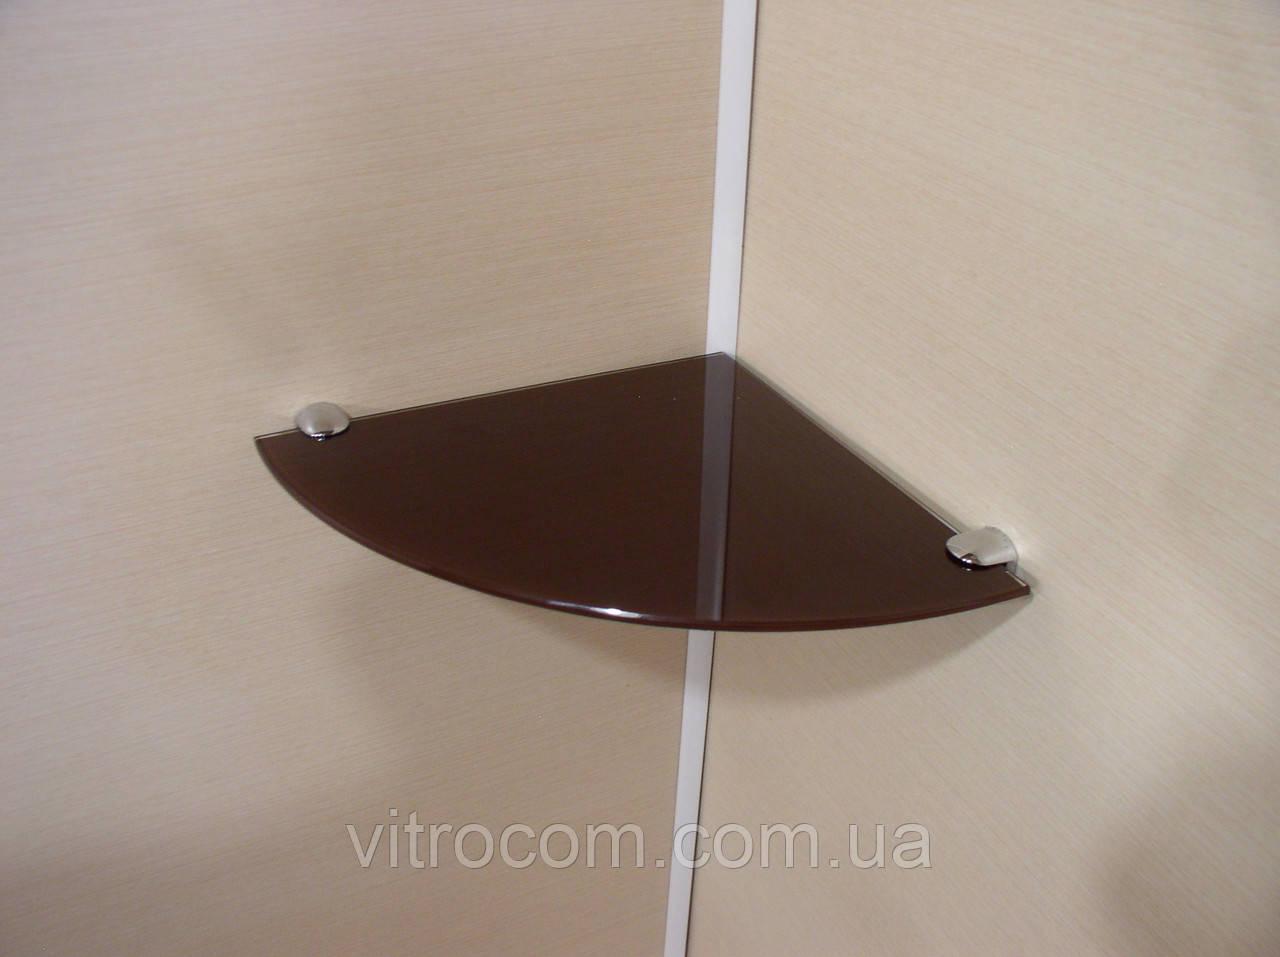 Полка стеклянная угловая 4 мм коричневая 25 х 25 см